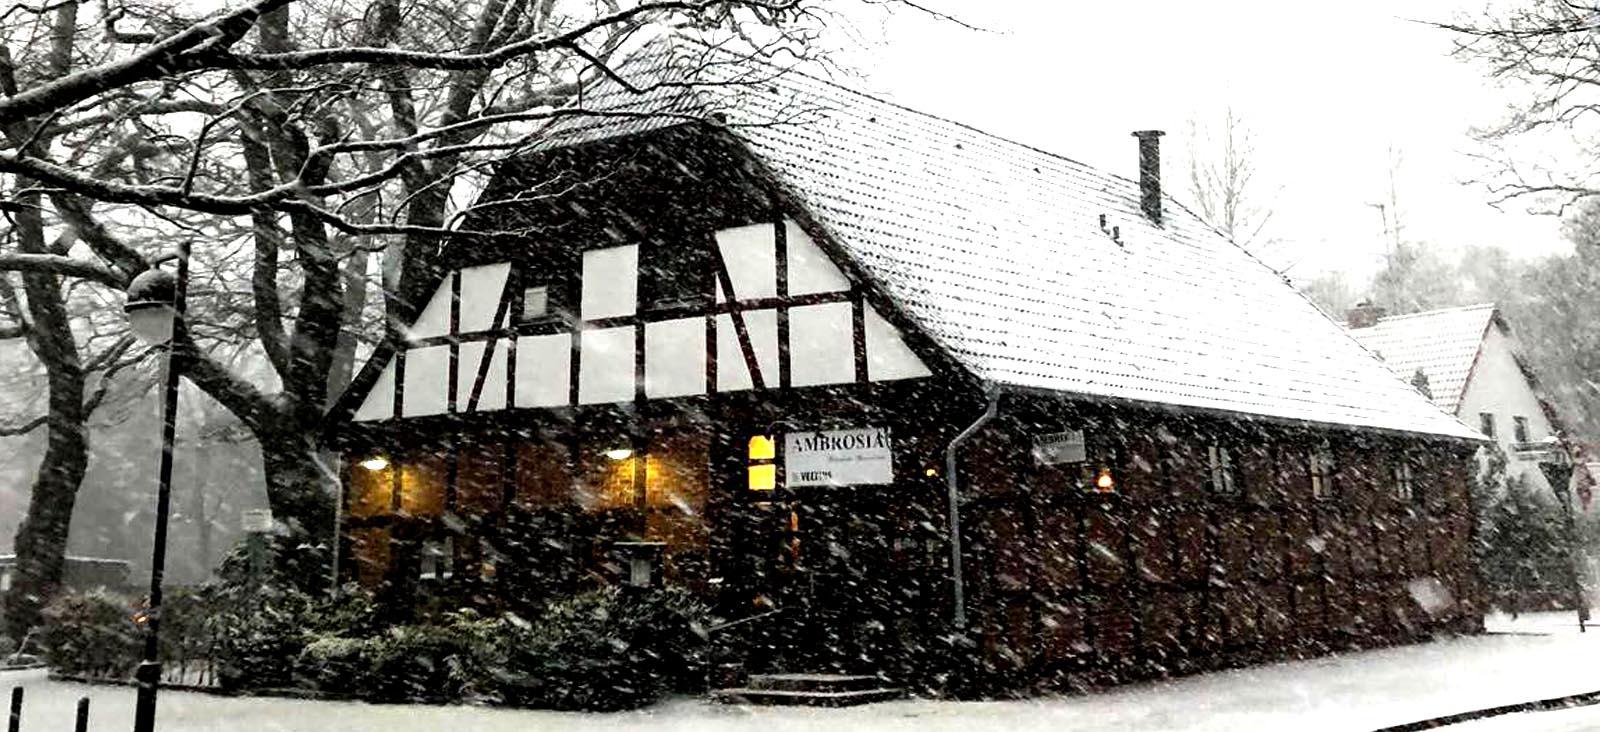 Restaurant Ambrosia Winterstimmung